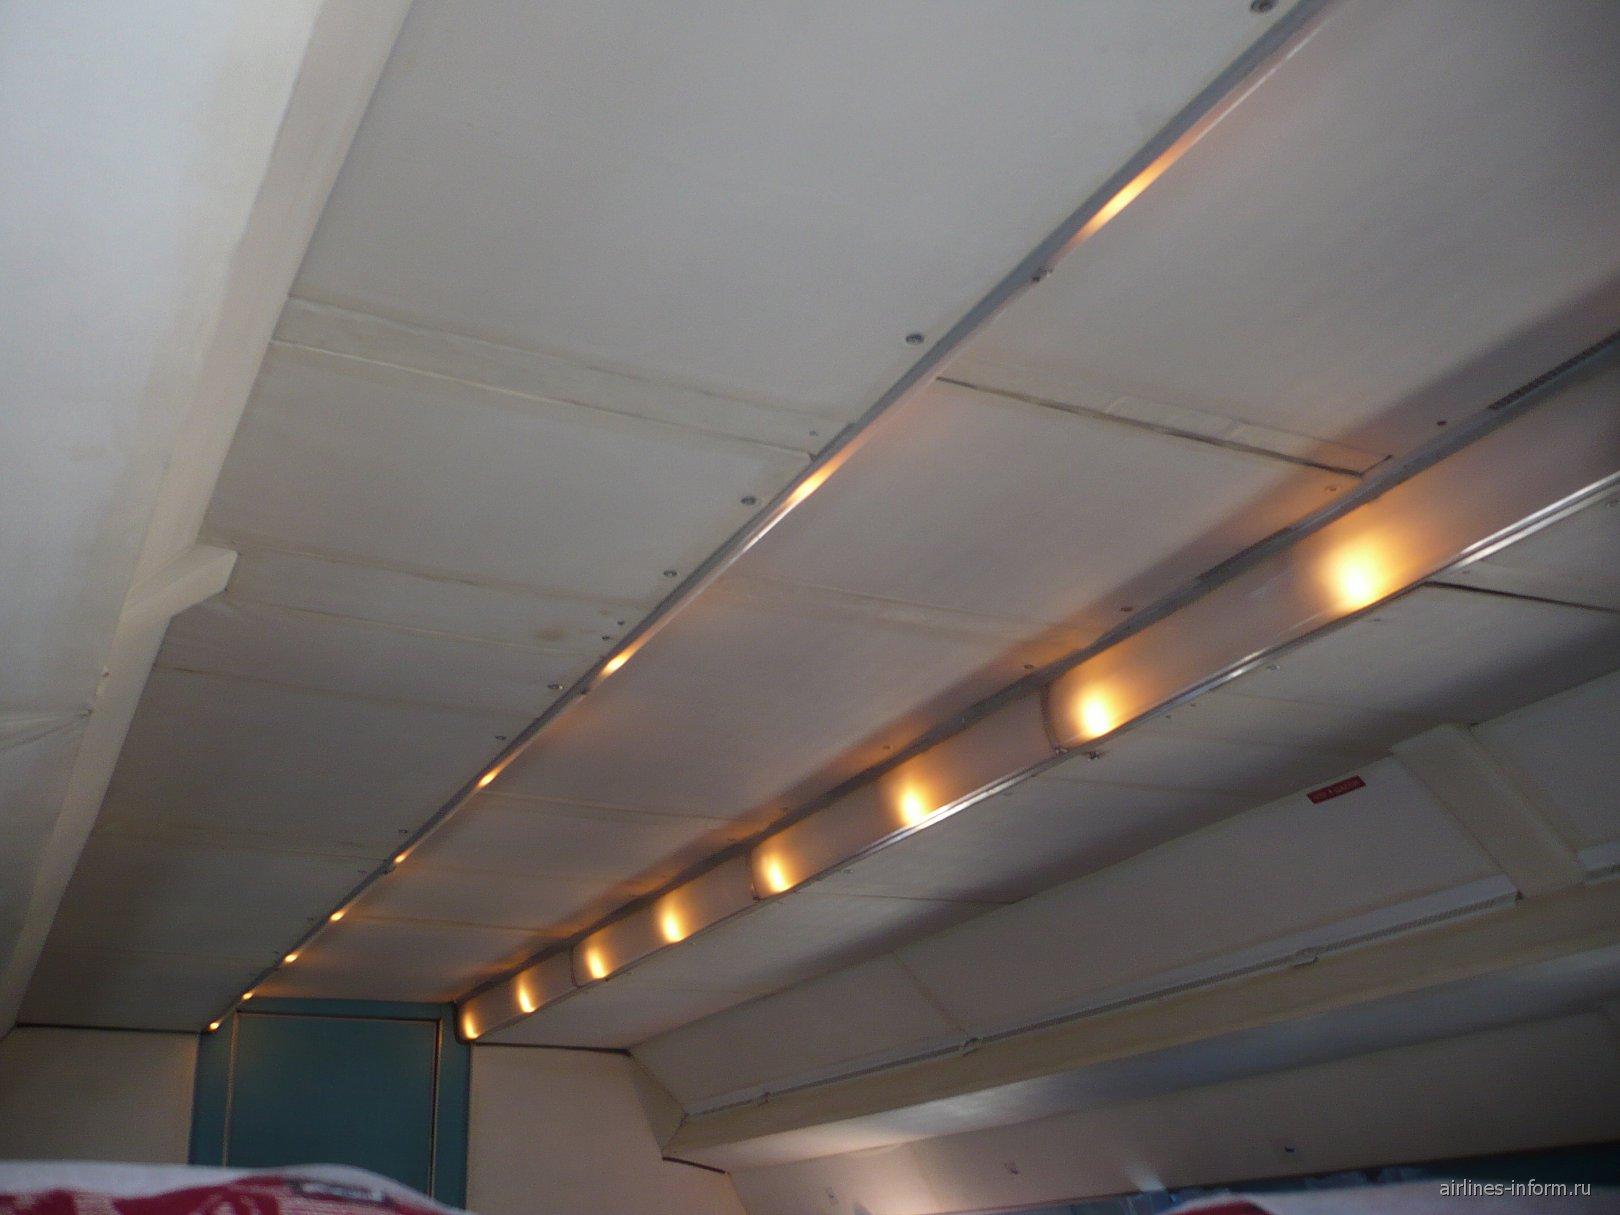 Салон самолета Ан-24 авиакомпании Псковавиа